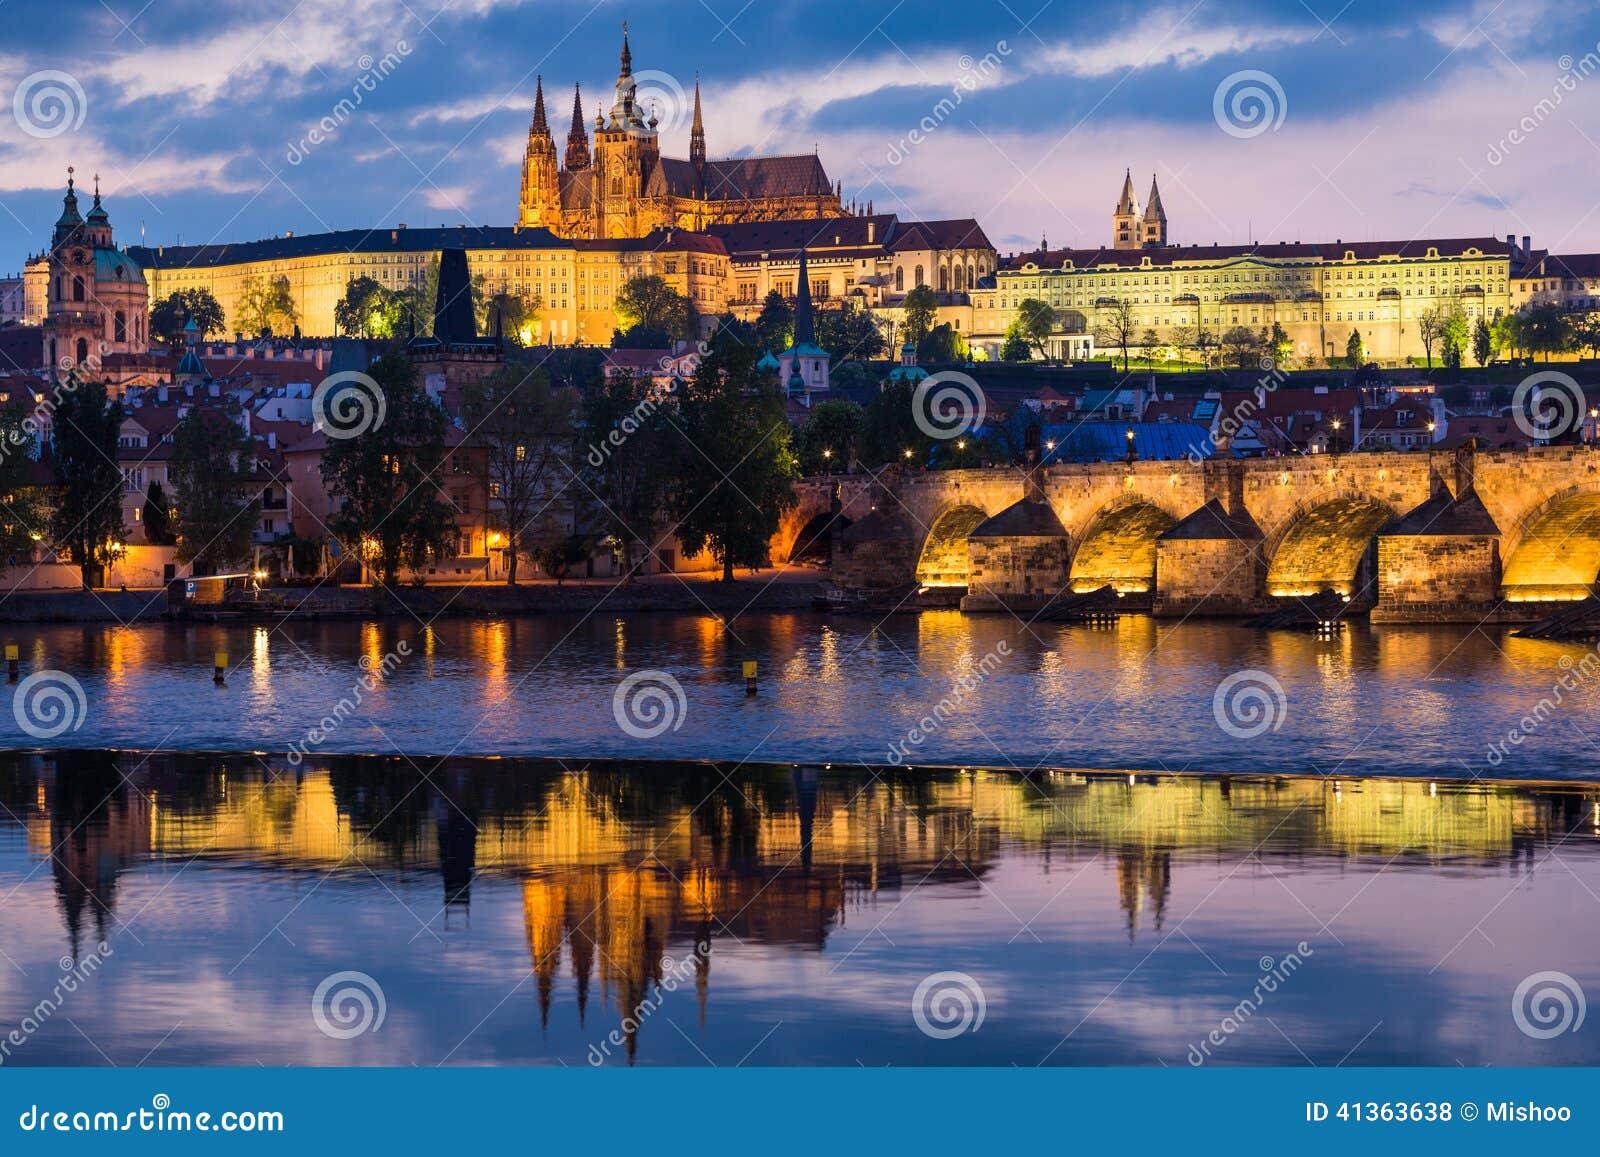 För prague för slottEuropa gammal foto vltava för lopp flod